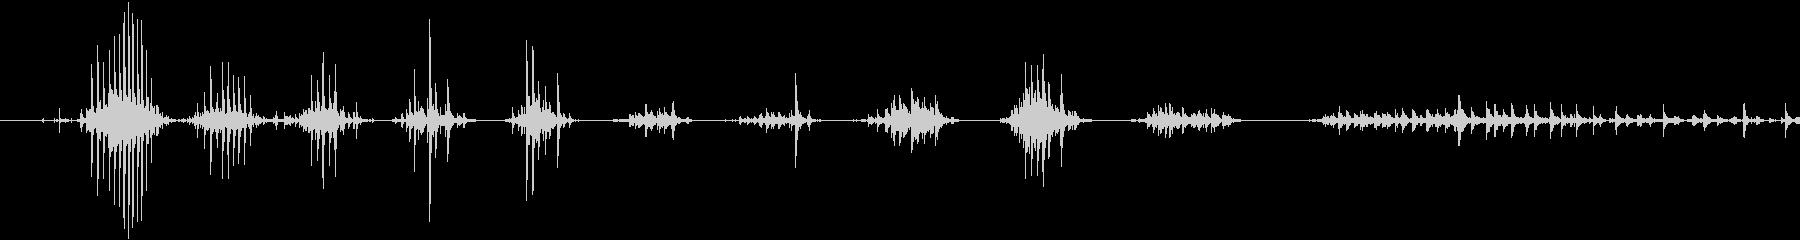 クイックチャットクリーチャーベロー...の未再生の波形